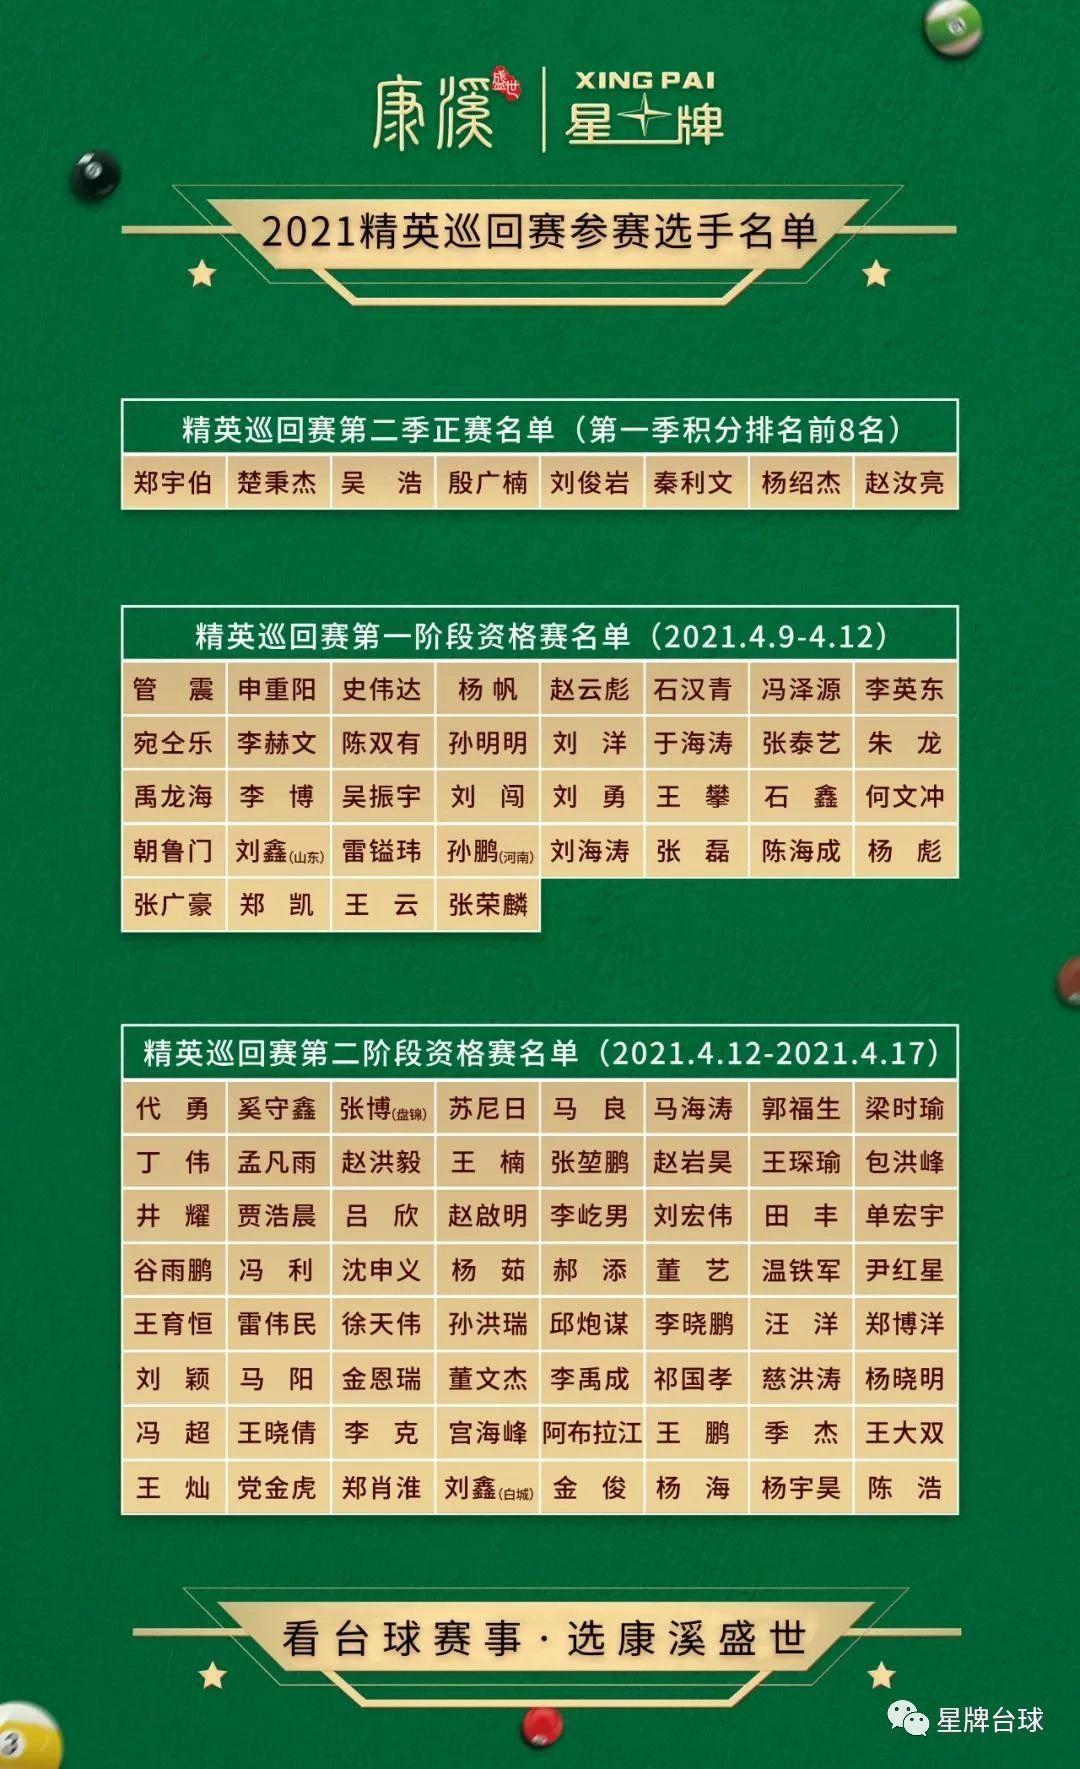 精英巡回赛公布参赛名单!正赛扩军至64人 预选赛4月9日开战!